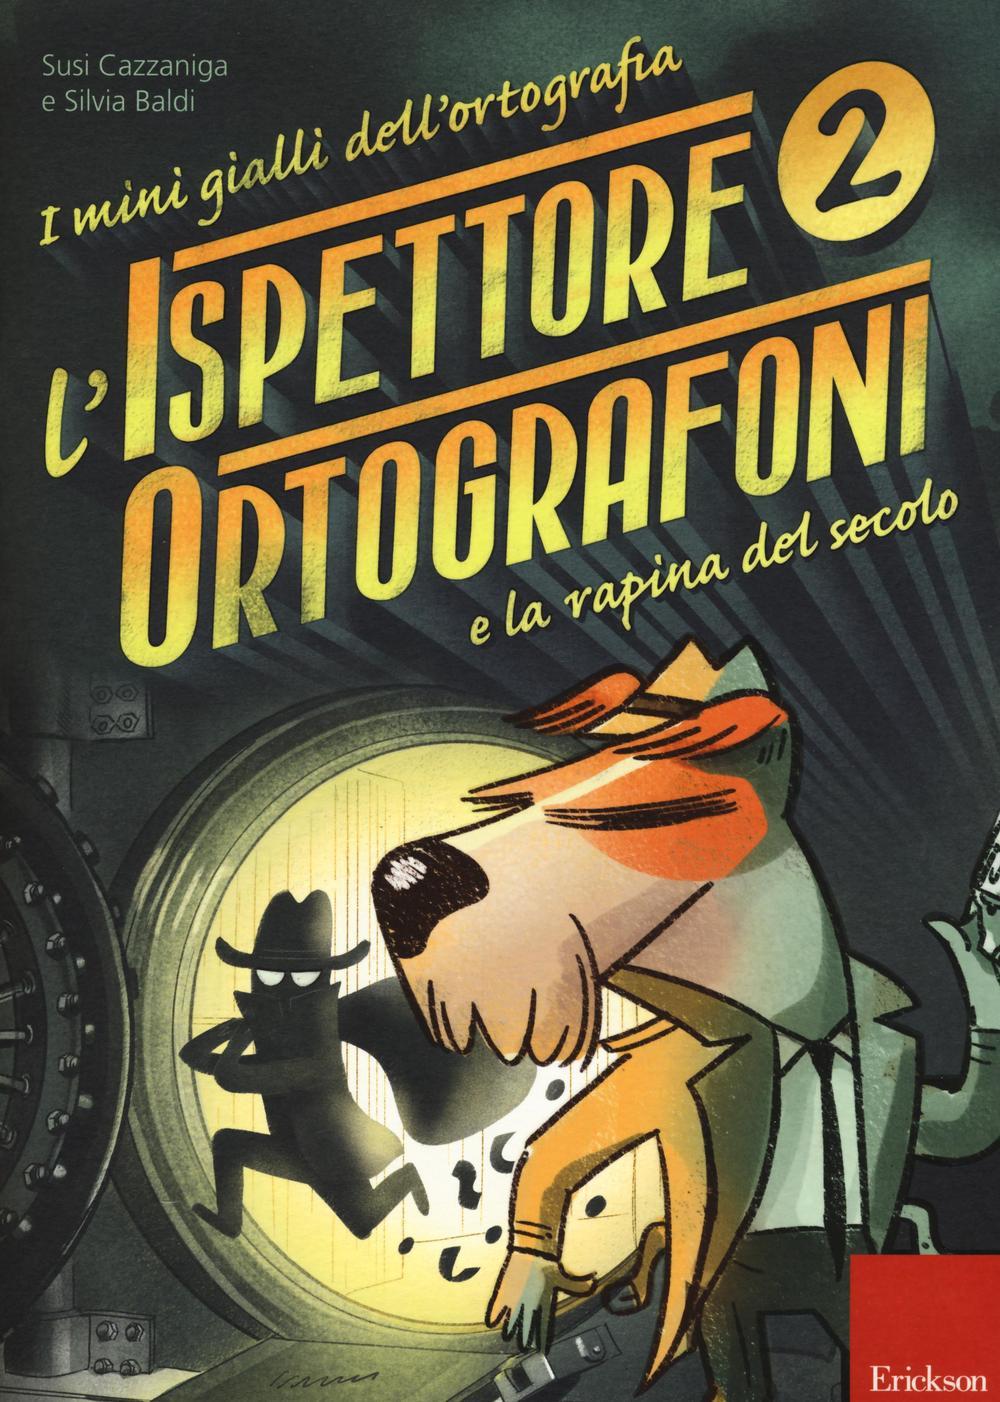 L'ispettore Ortografoni e la rapina del secolo. I mini gialli dell'ortografia. Con adesivi